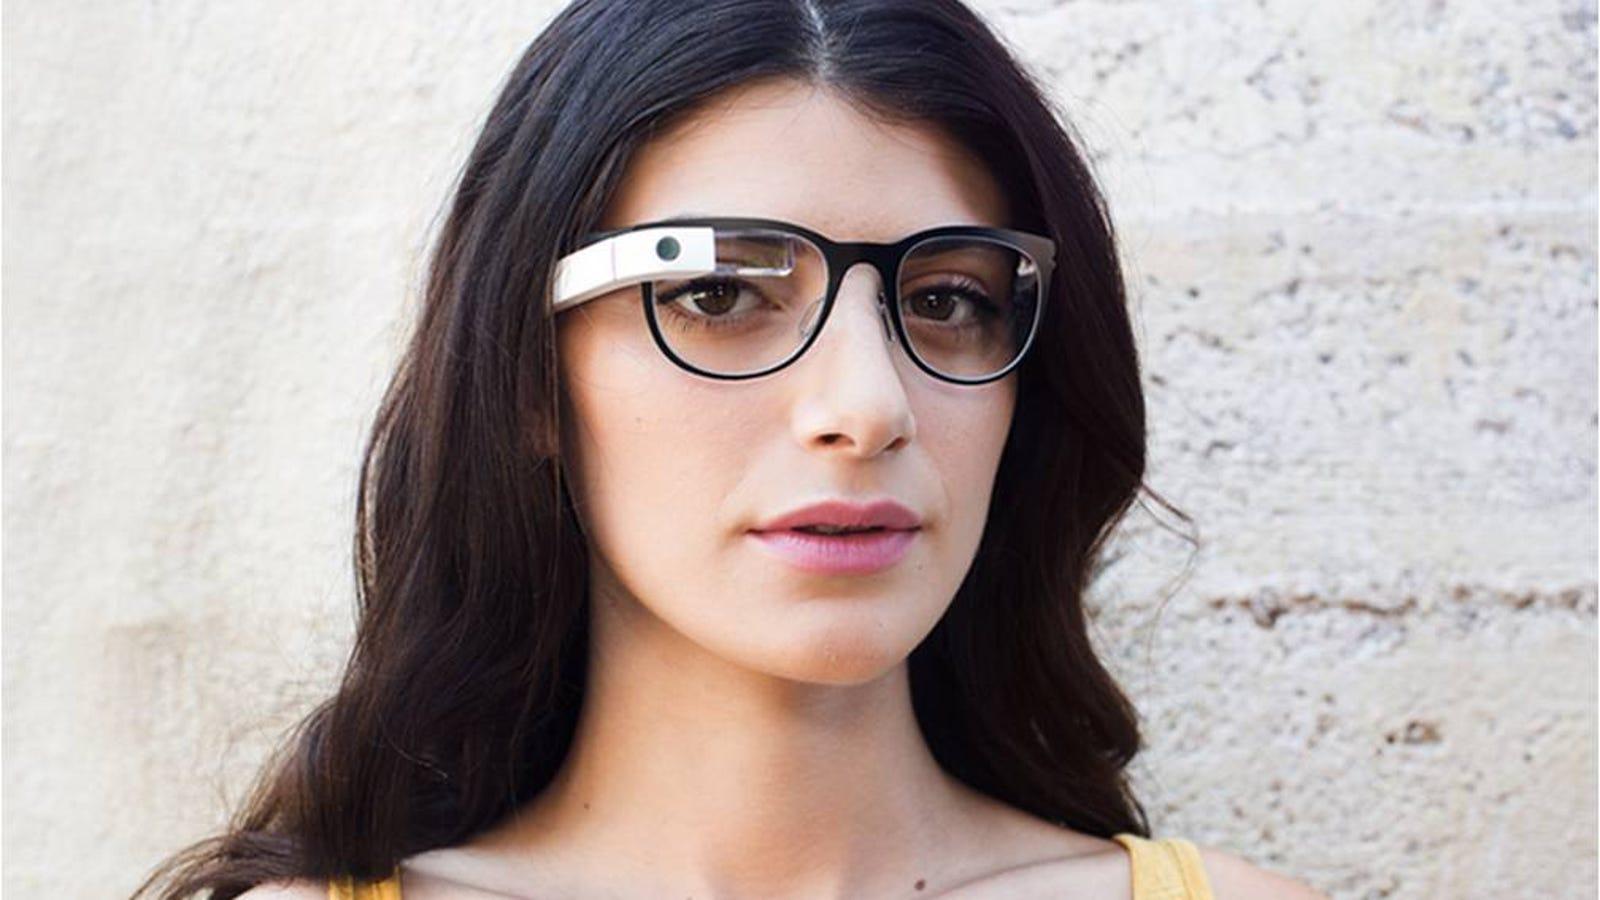 Los 10 mitos ¿falsos? de Glass, según Google